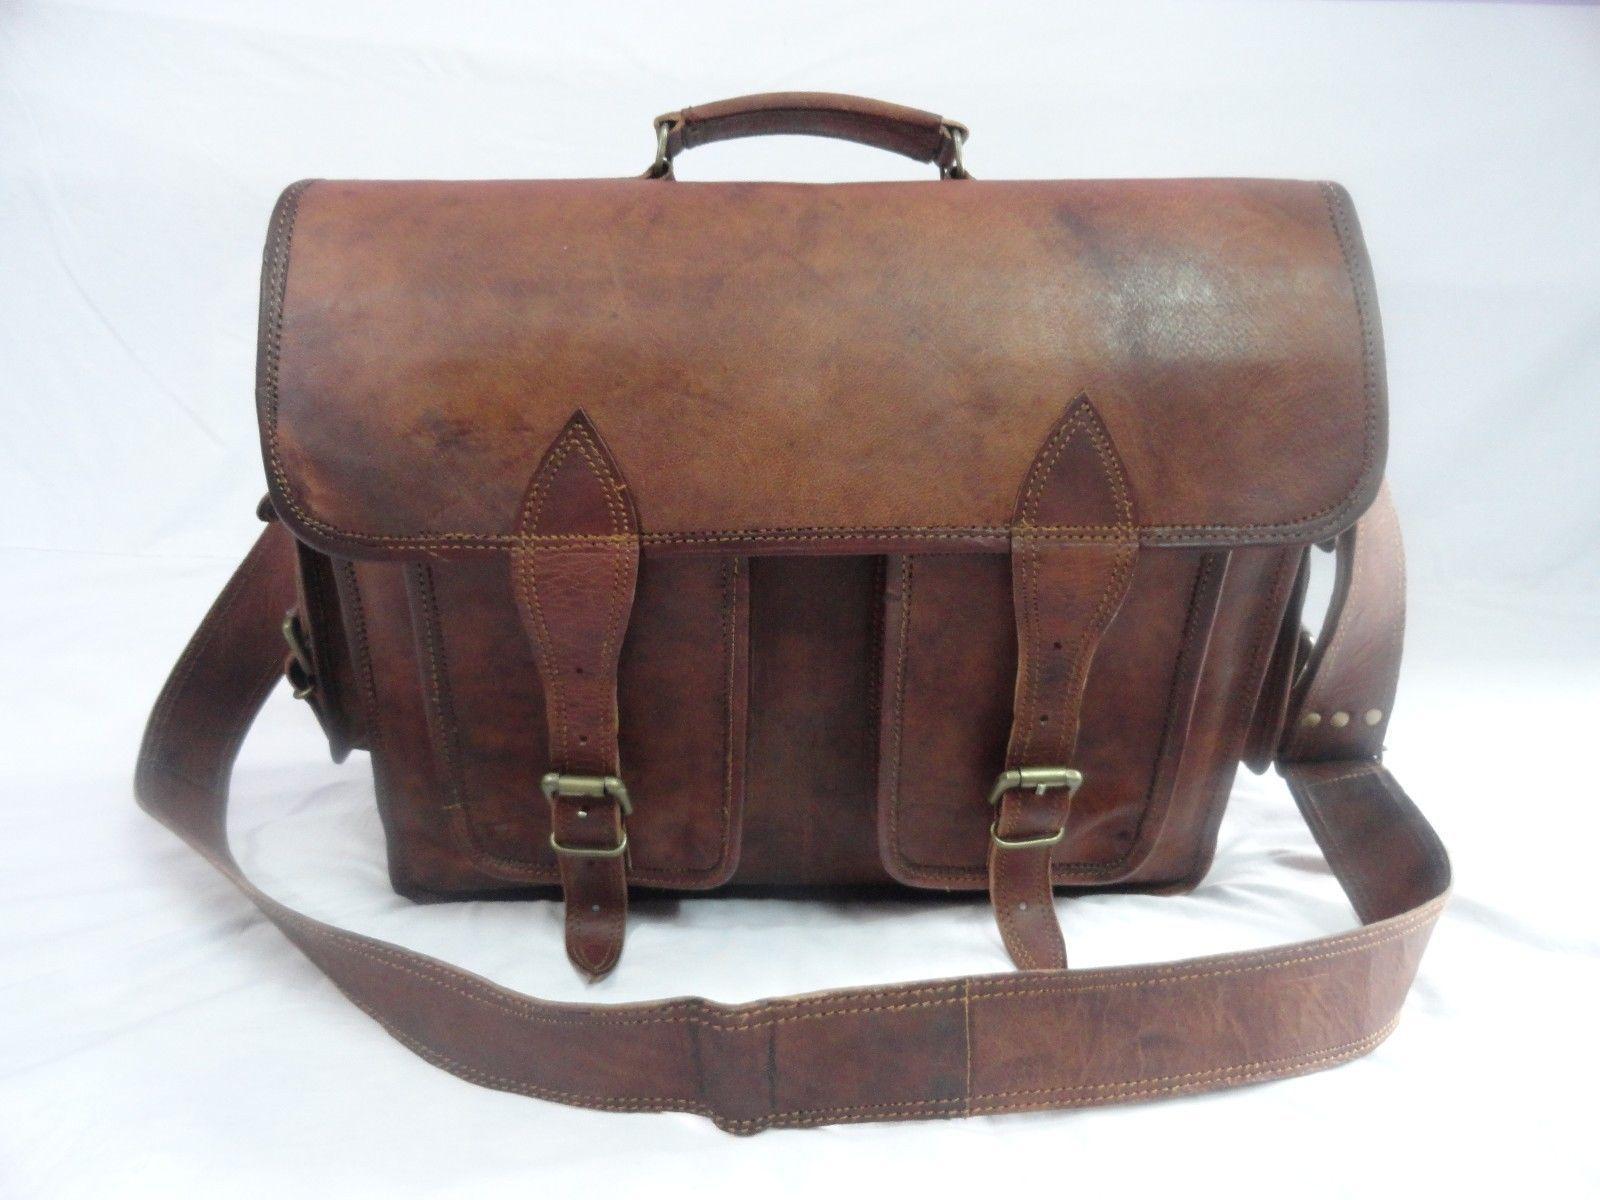 16x12' Men's Vintage Leather DSLR Camera Bag Padded Briefcase Macbook Satchel image 3